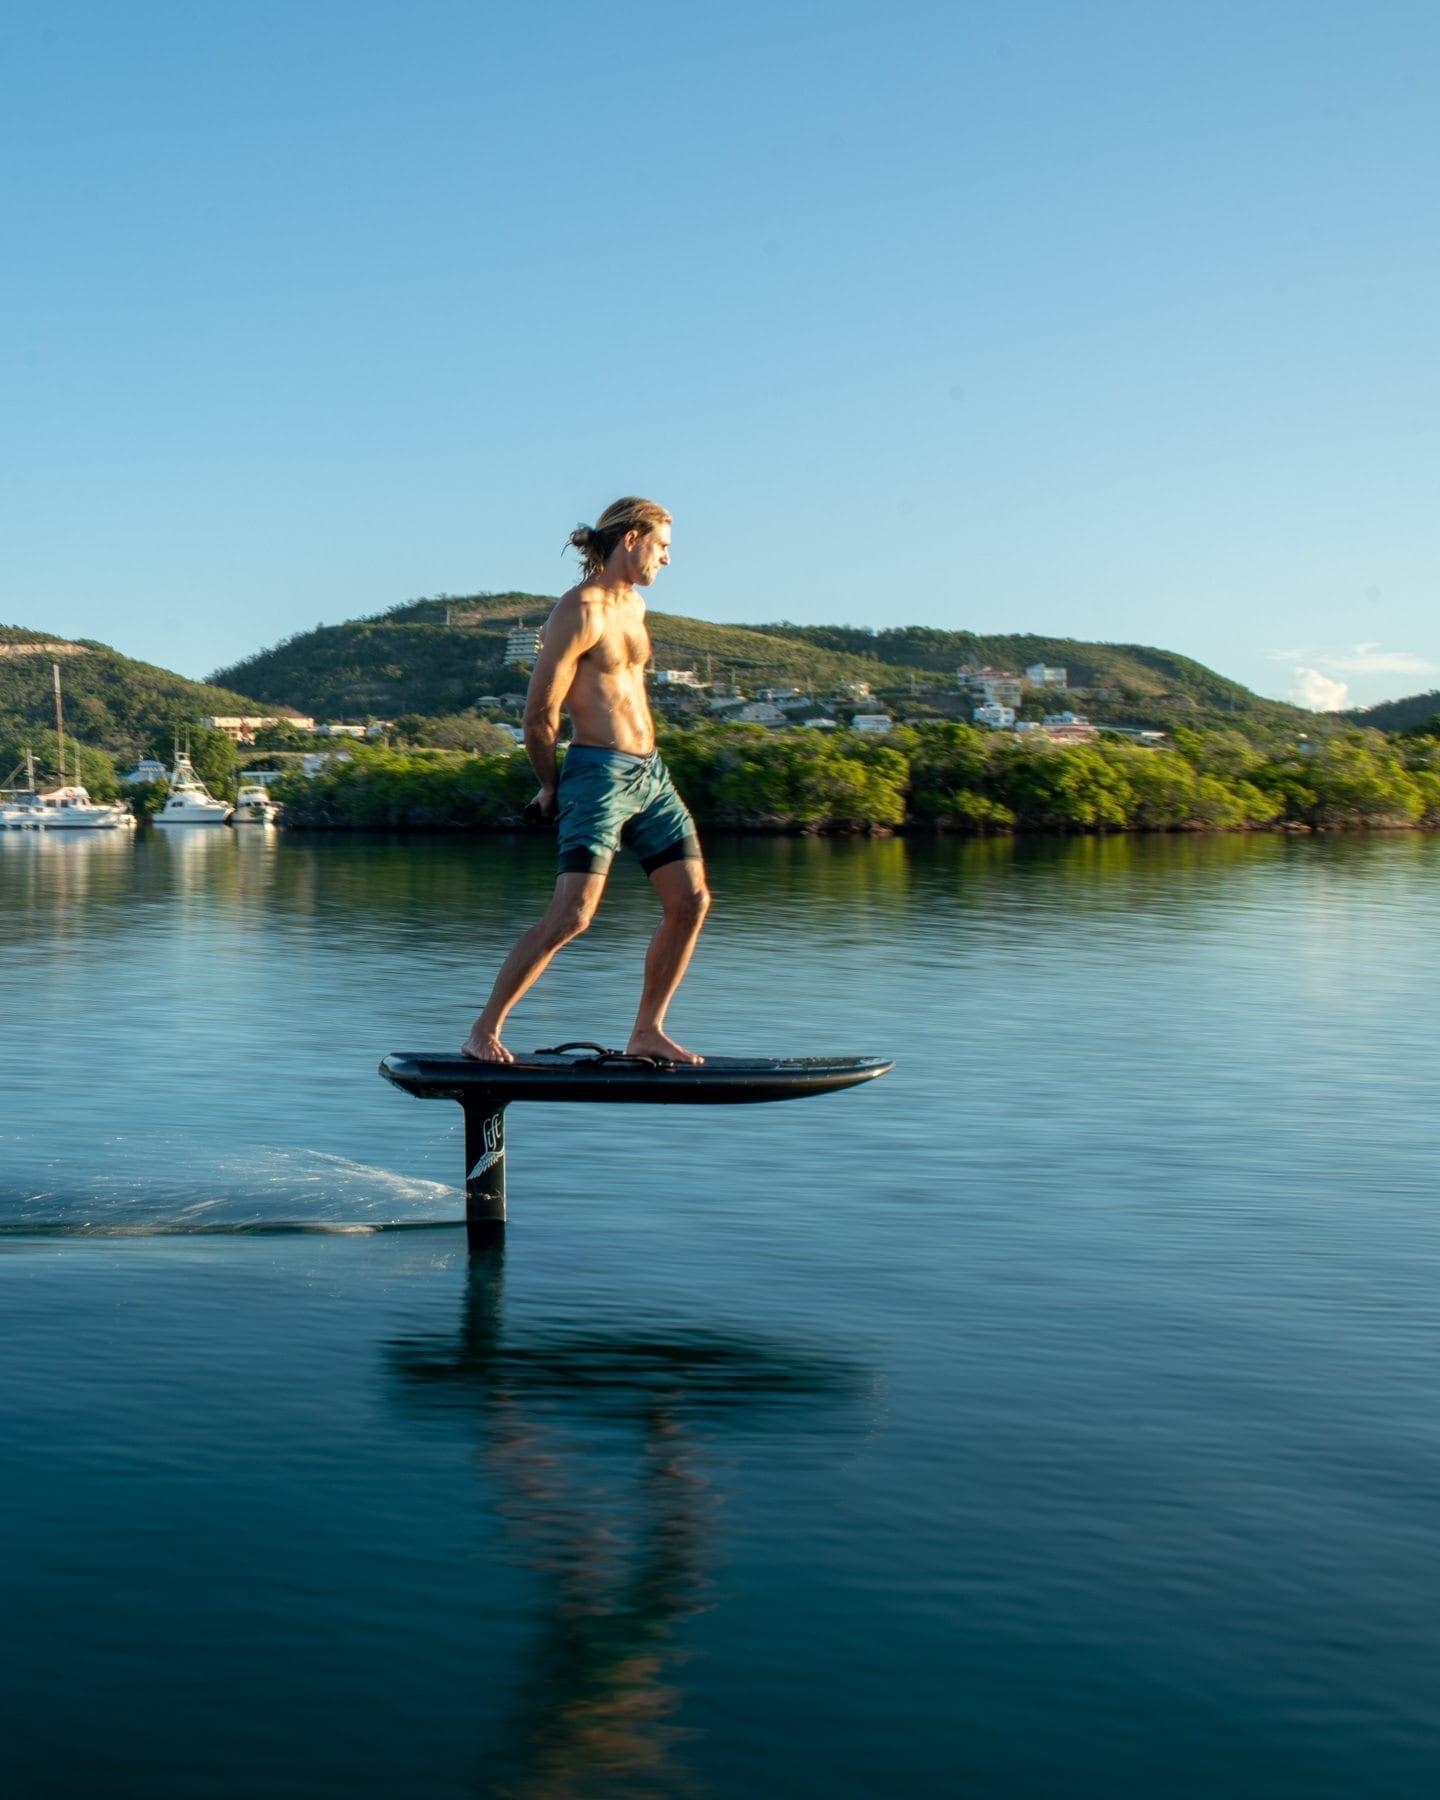 Lift Foils Efoil Electric Surfboard Premium Hydrofoils Surf Foils